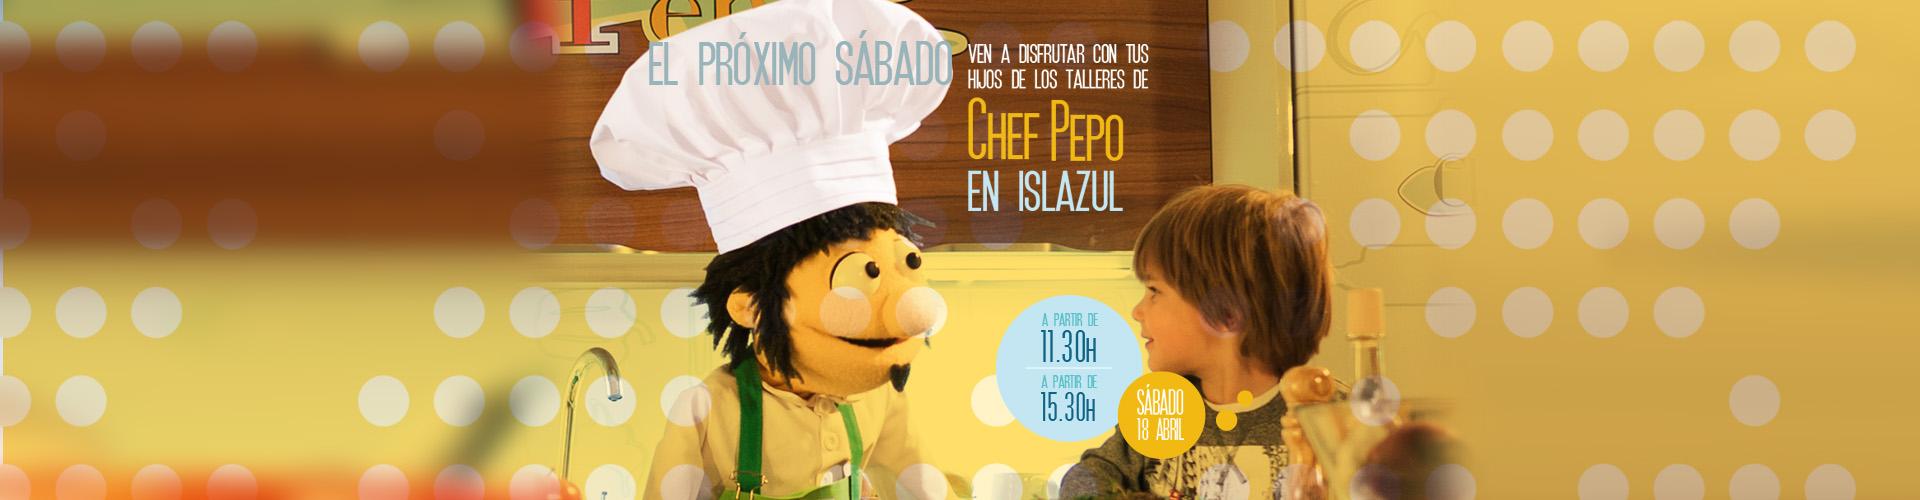 1920X500 Chef Pepo Ven